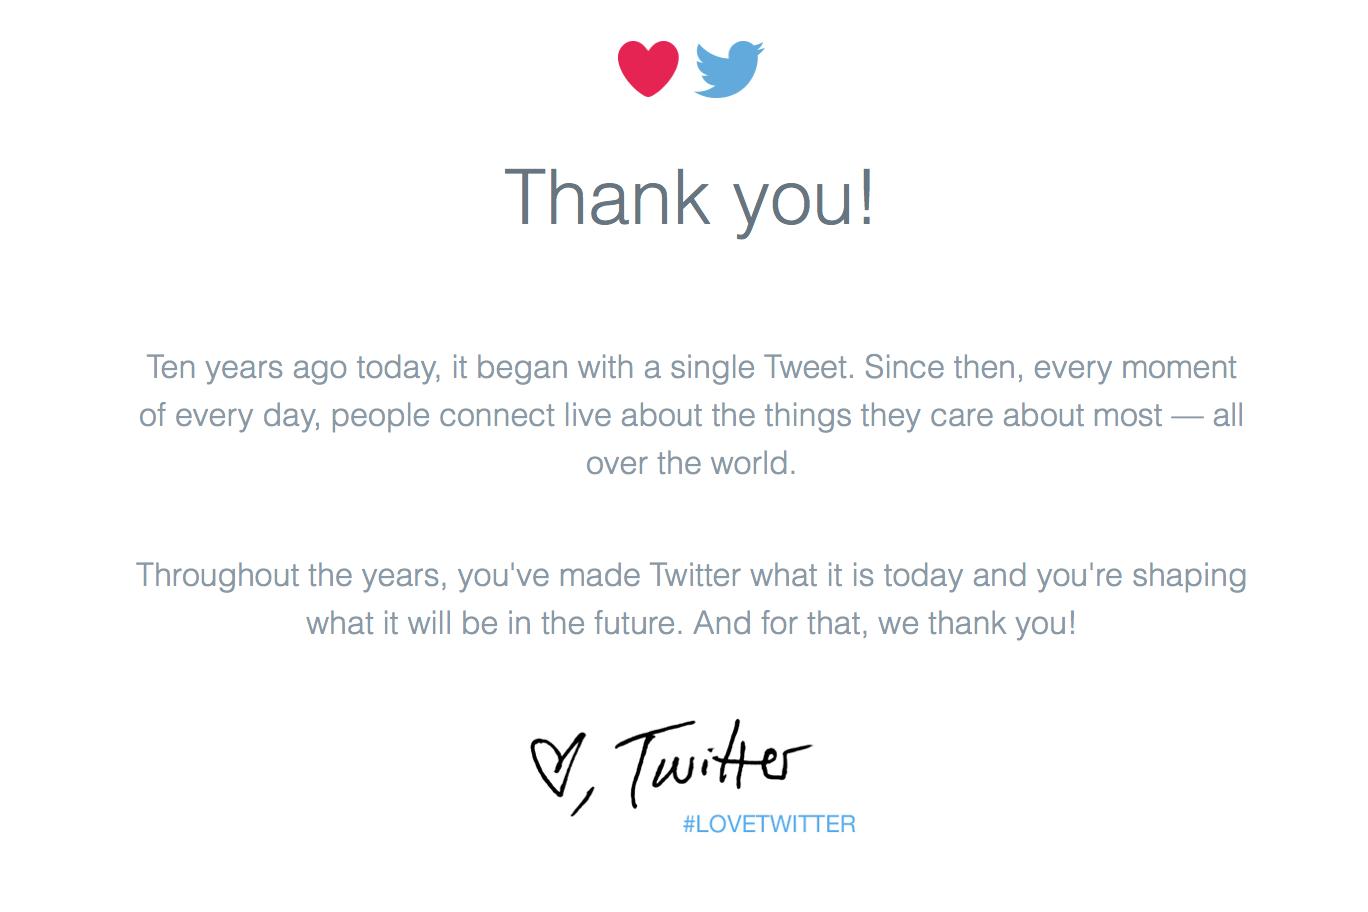 #LoveTwitter Love Twitter